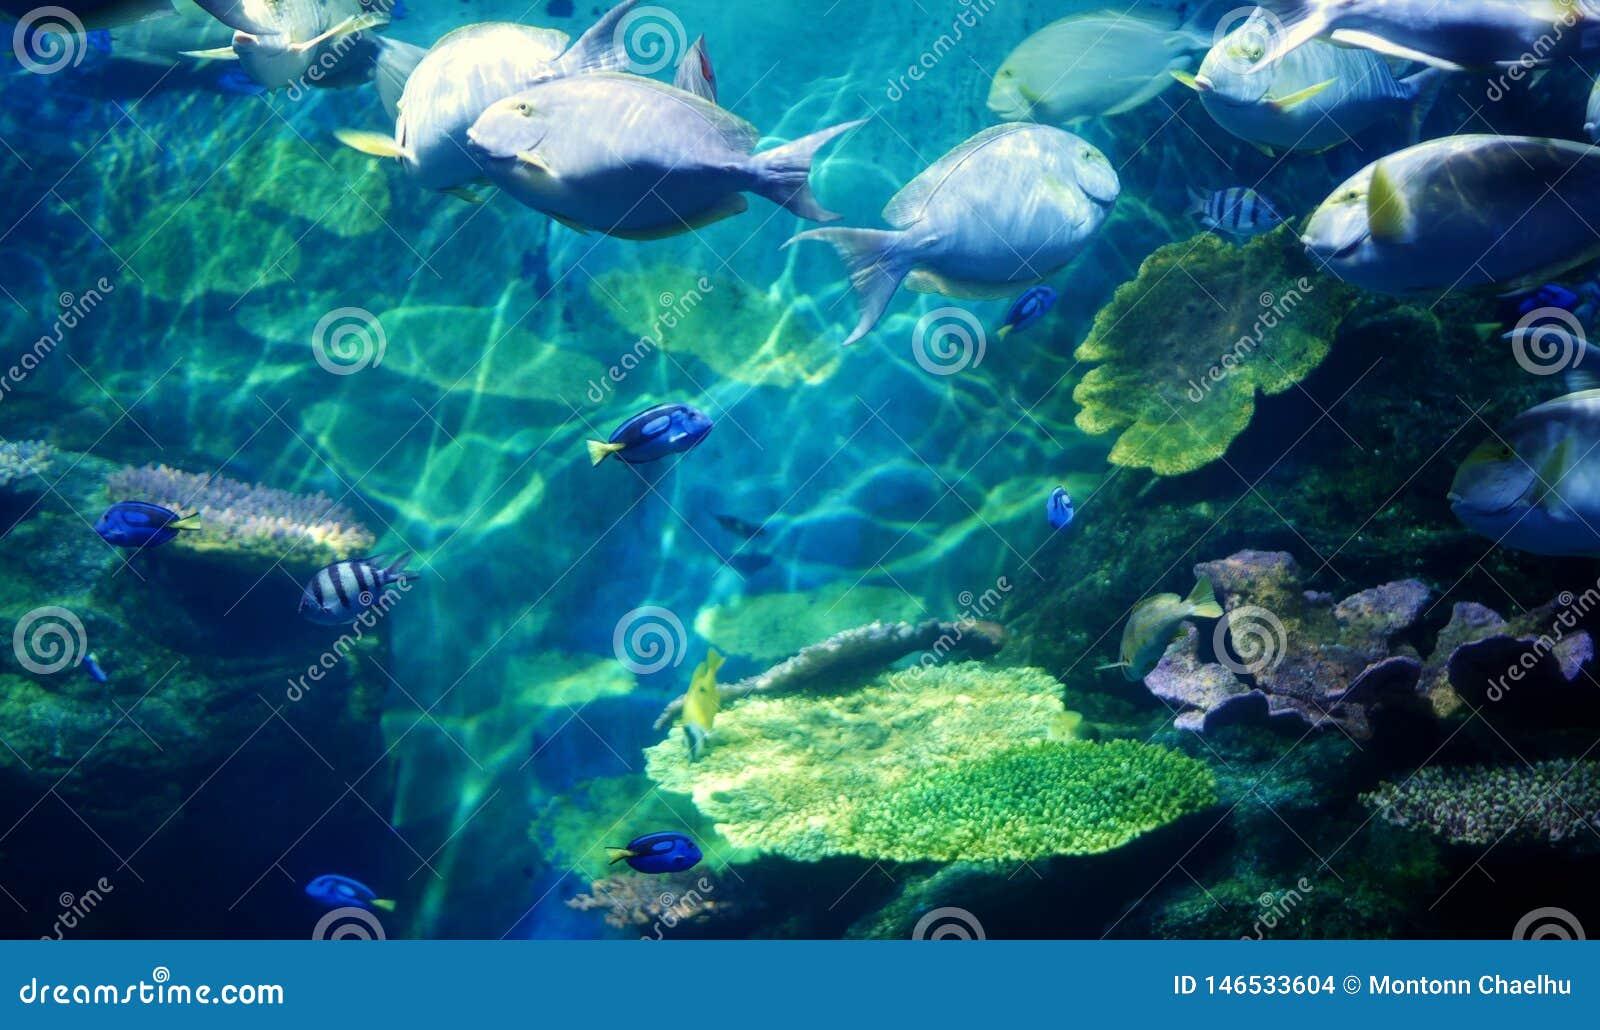 Underwater coral reef sea view